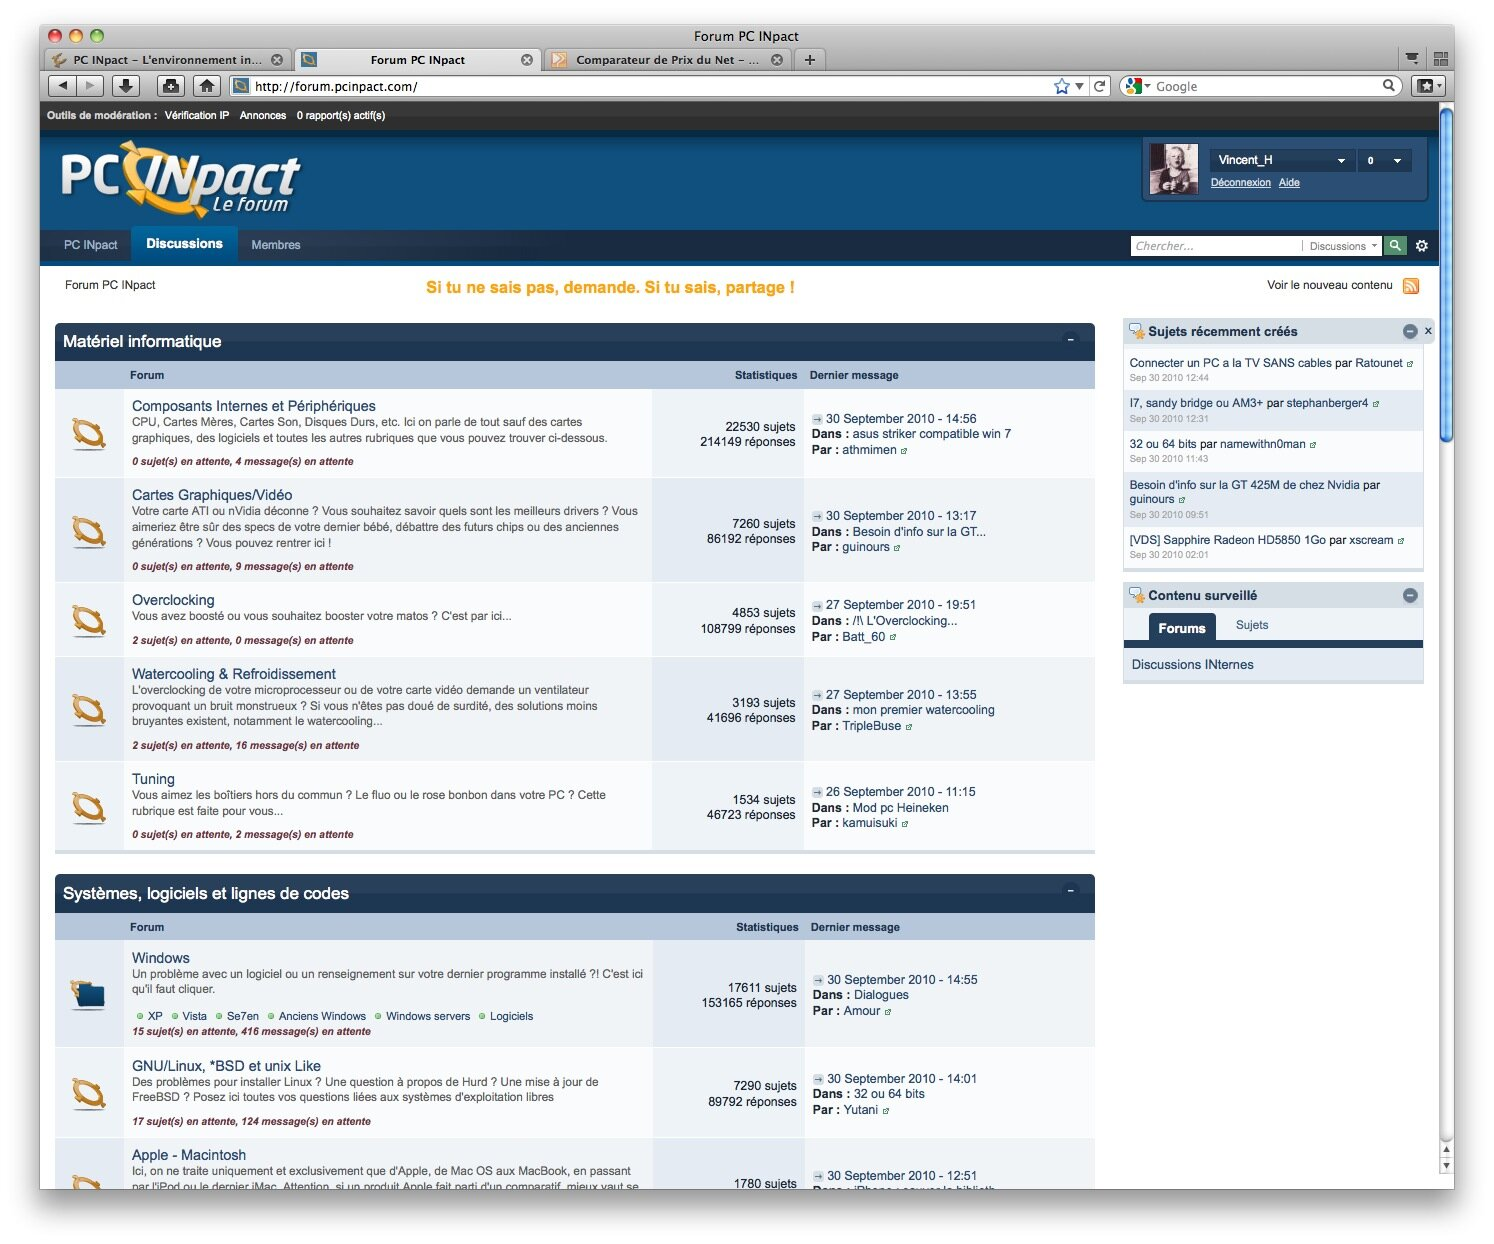 Firefox 4 : l'accélération graphique incertaine sous Mac OS X